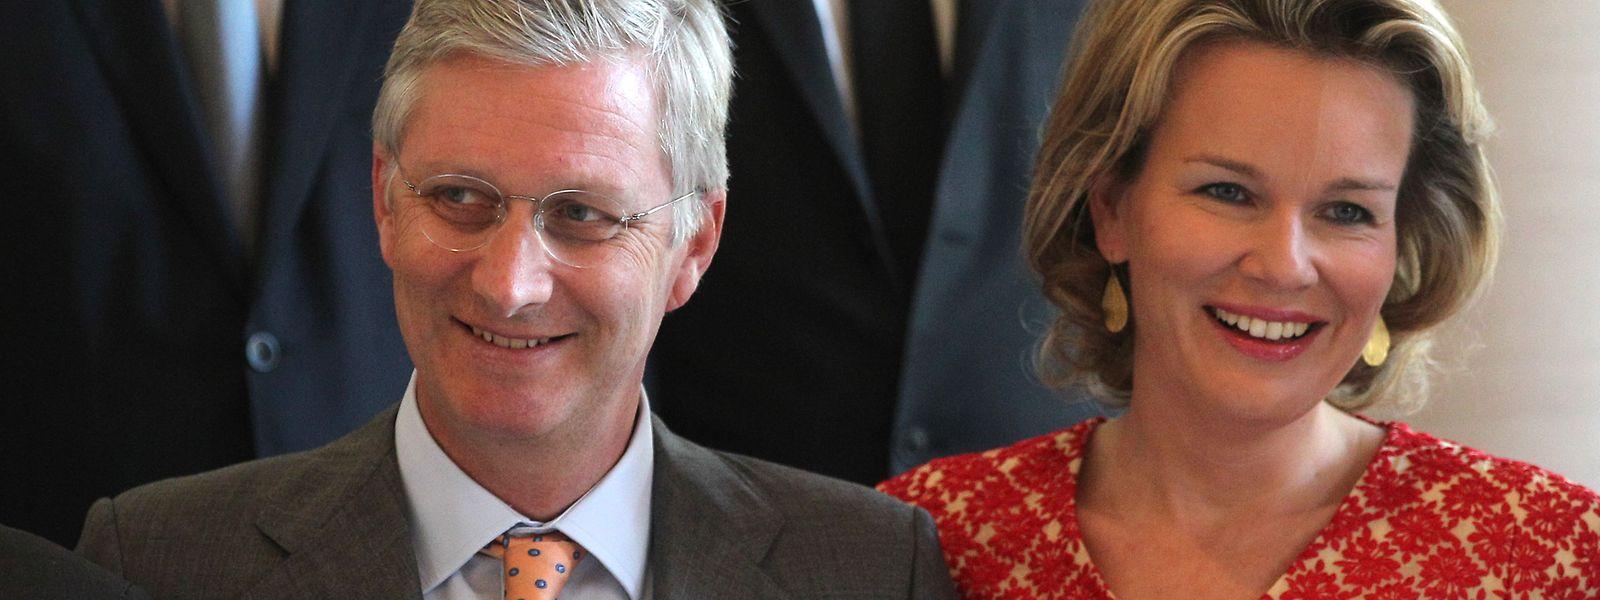 Am Dienstag beginnt der dreitägige Staatsbesuch von König Philippe und Königin Mathilde in Luxemburg.